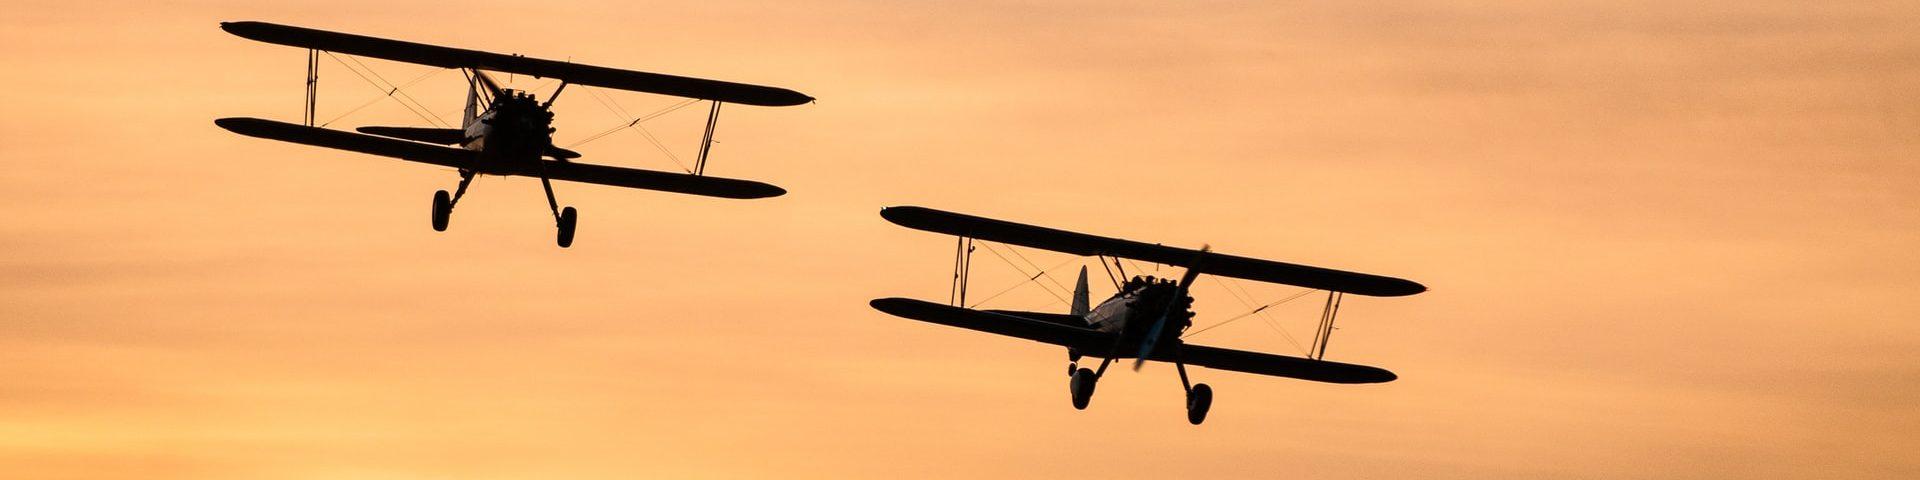 deux avions côte à côte